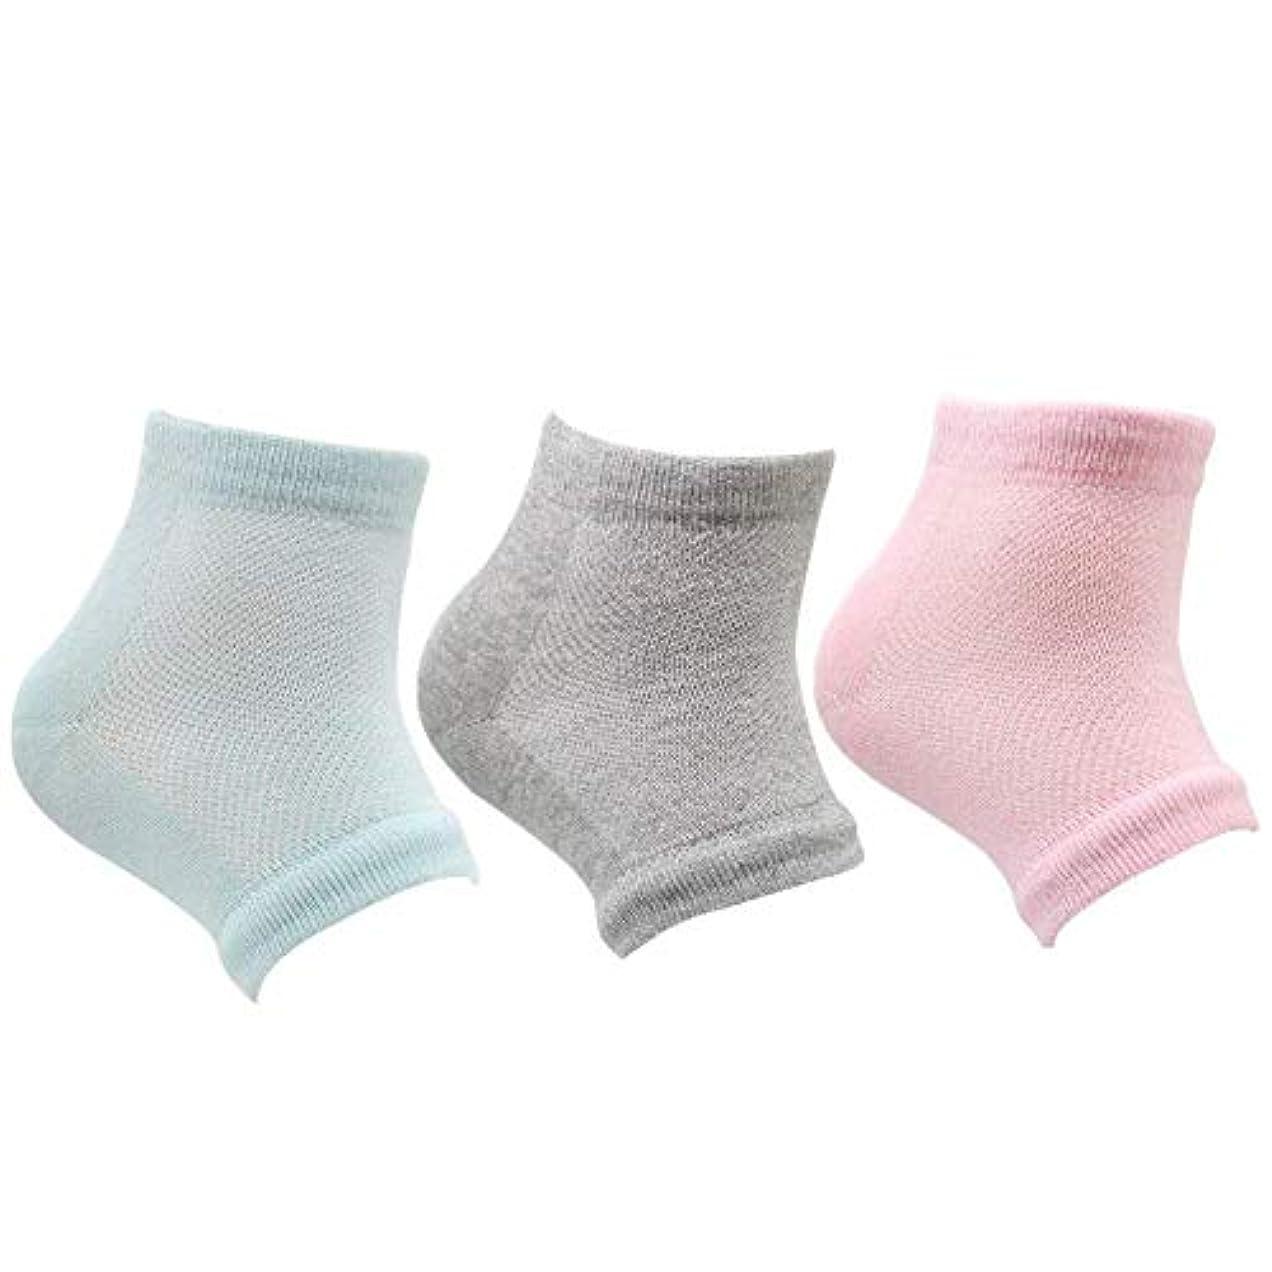 爆風バッテリーリーフレットかかと 靴下 つるつる ジェル かかとケア 男女兼用 グリーン ピンク グレイ 3足セット